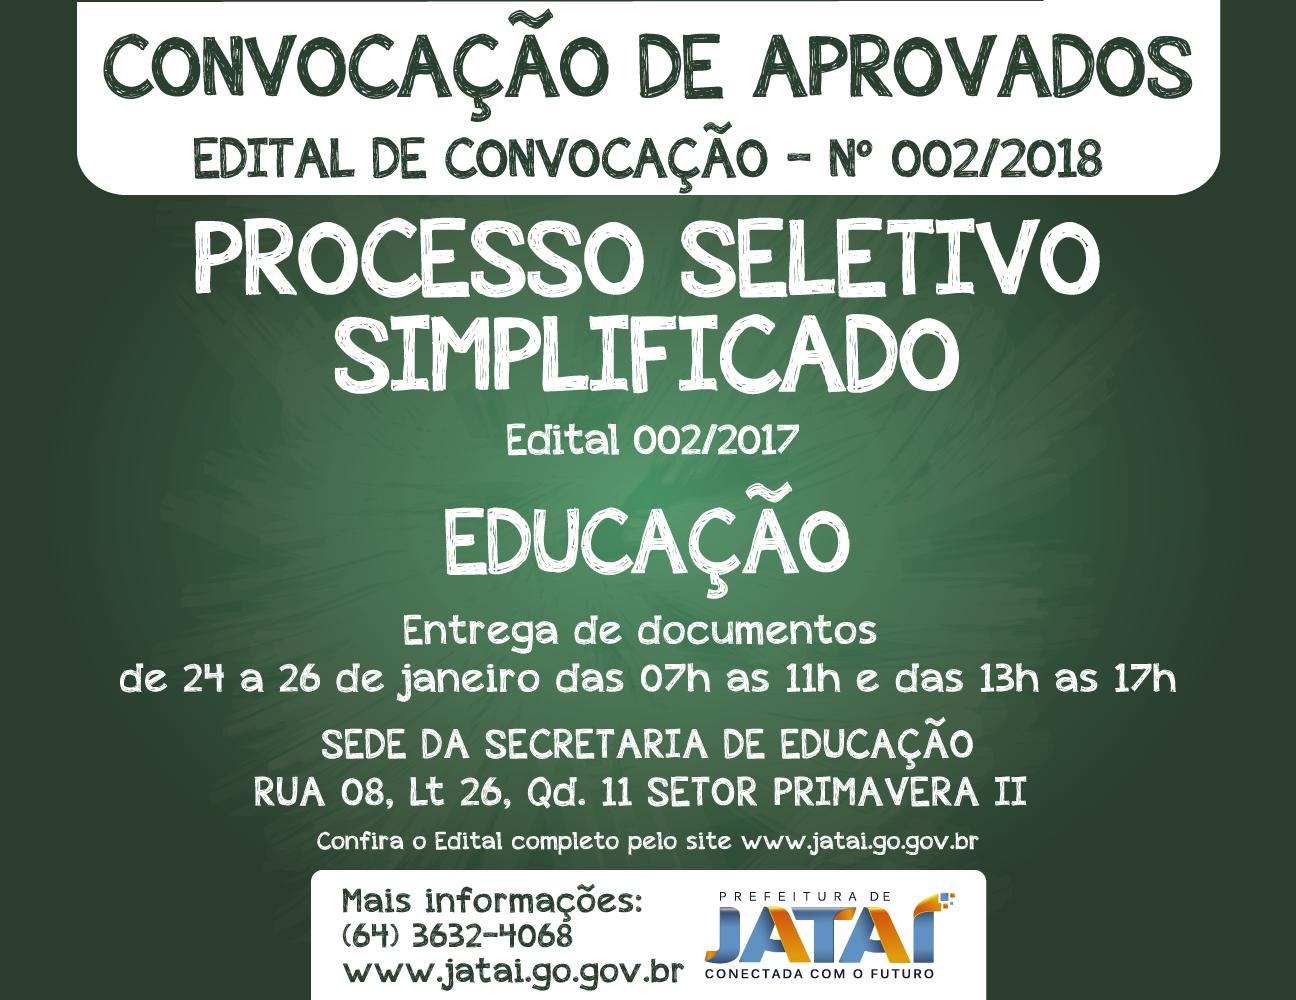 Prefeitura Municipal convoca mais profissionais para a Educação ... beca05bf51fc6